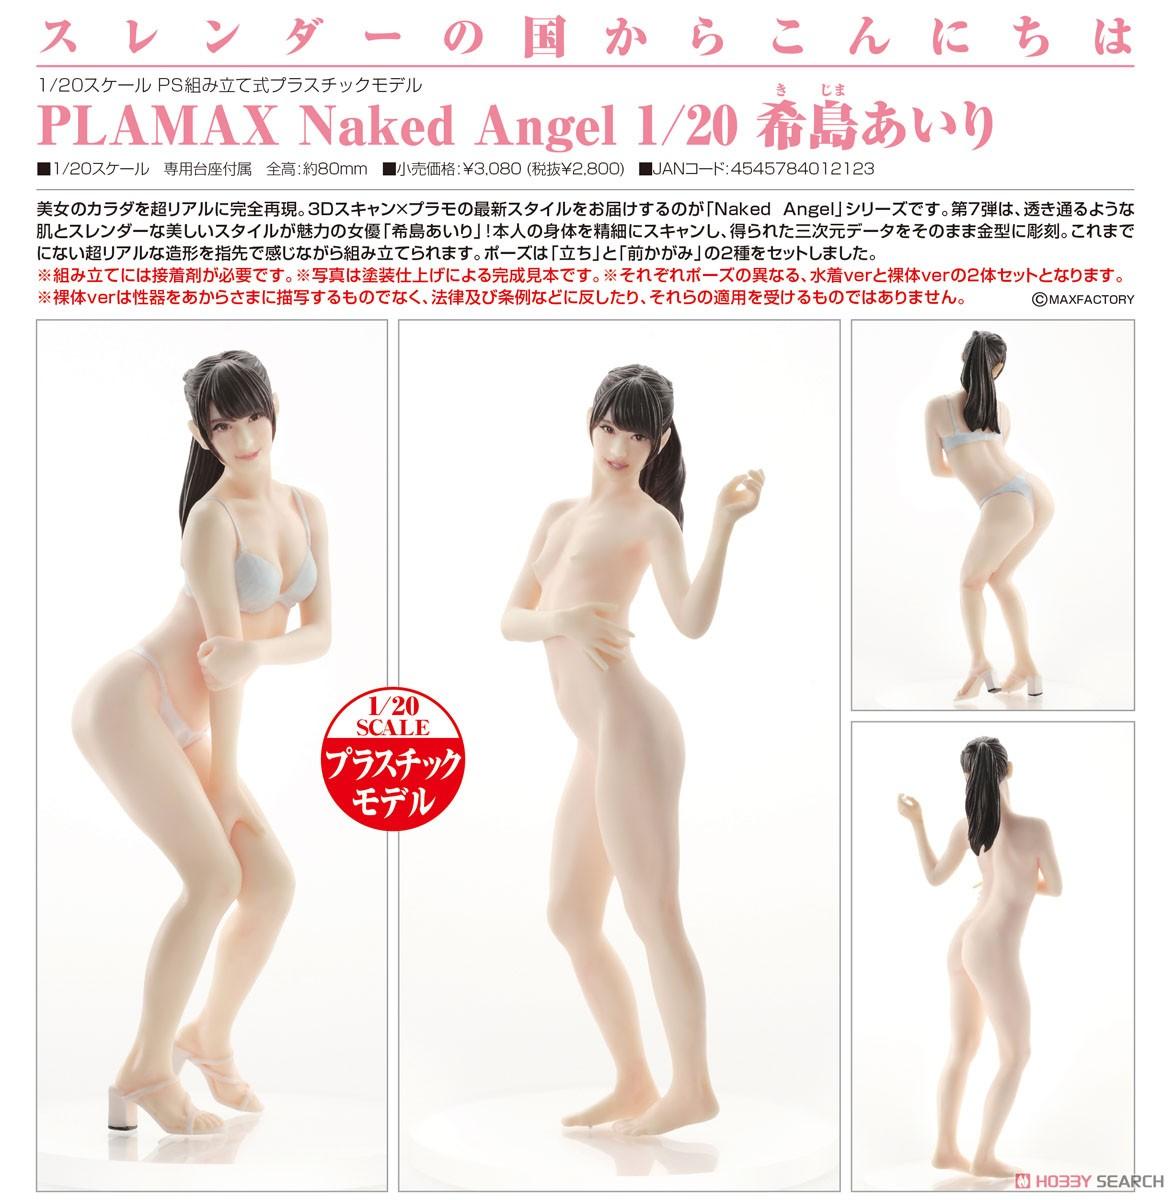 PLAMAX Naked Angel『希島あいり』1/20 プラモデル-006